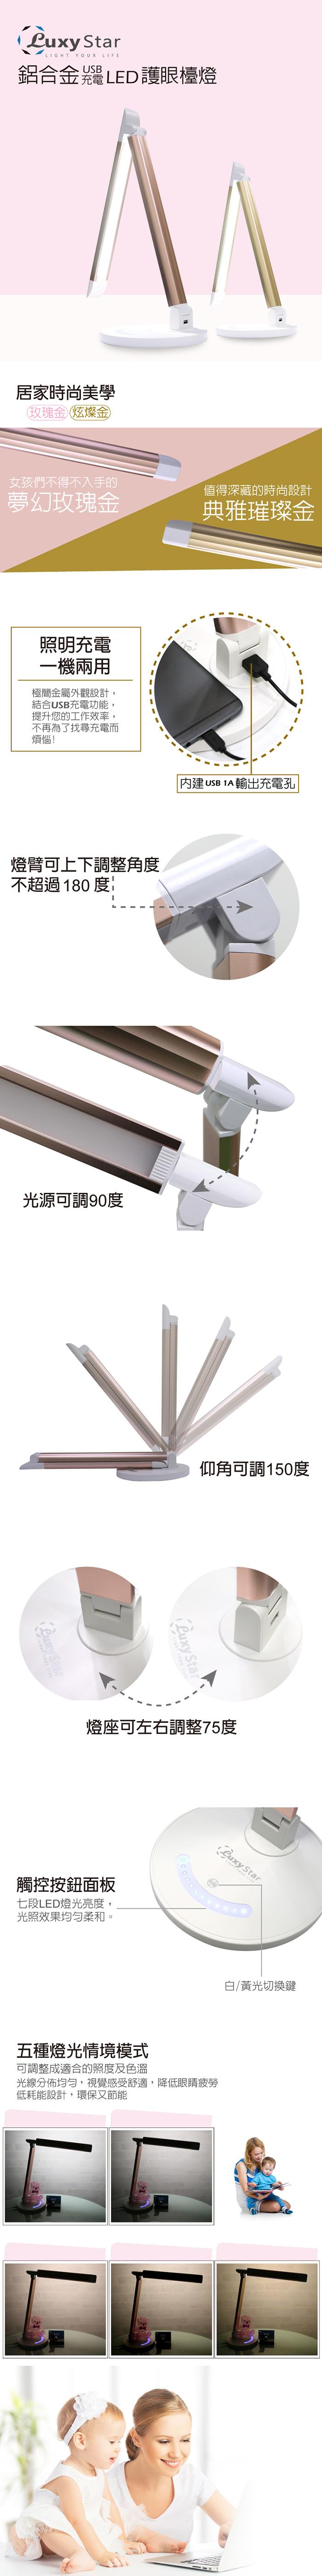 (複製)LETC | 黑白嚴選USB充電護眼檯燈